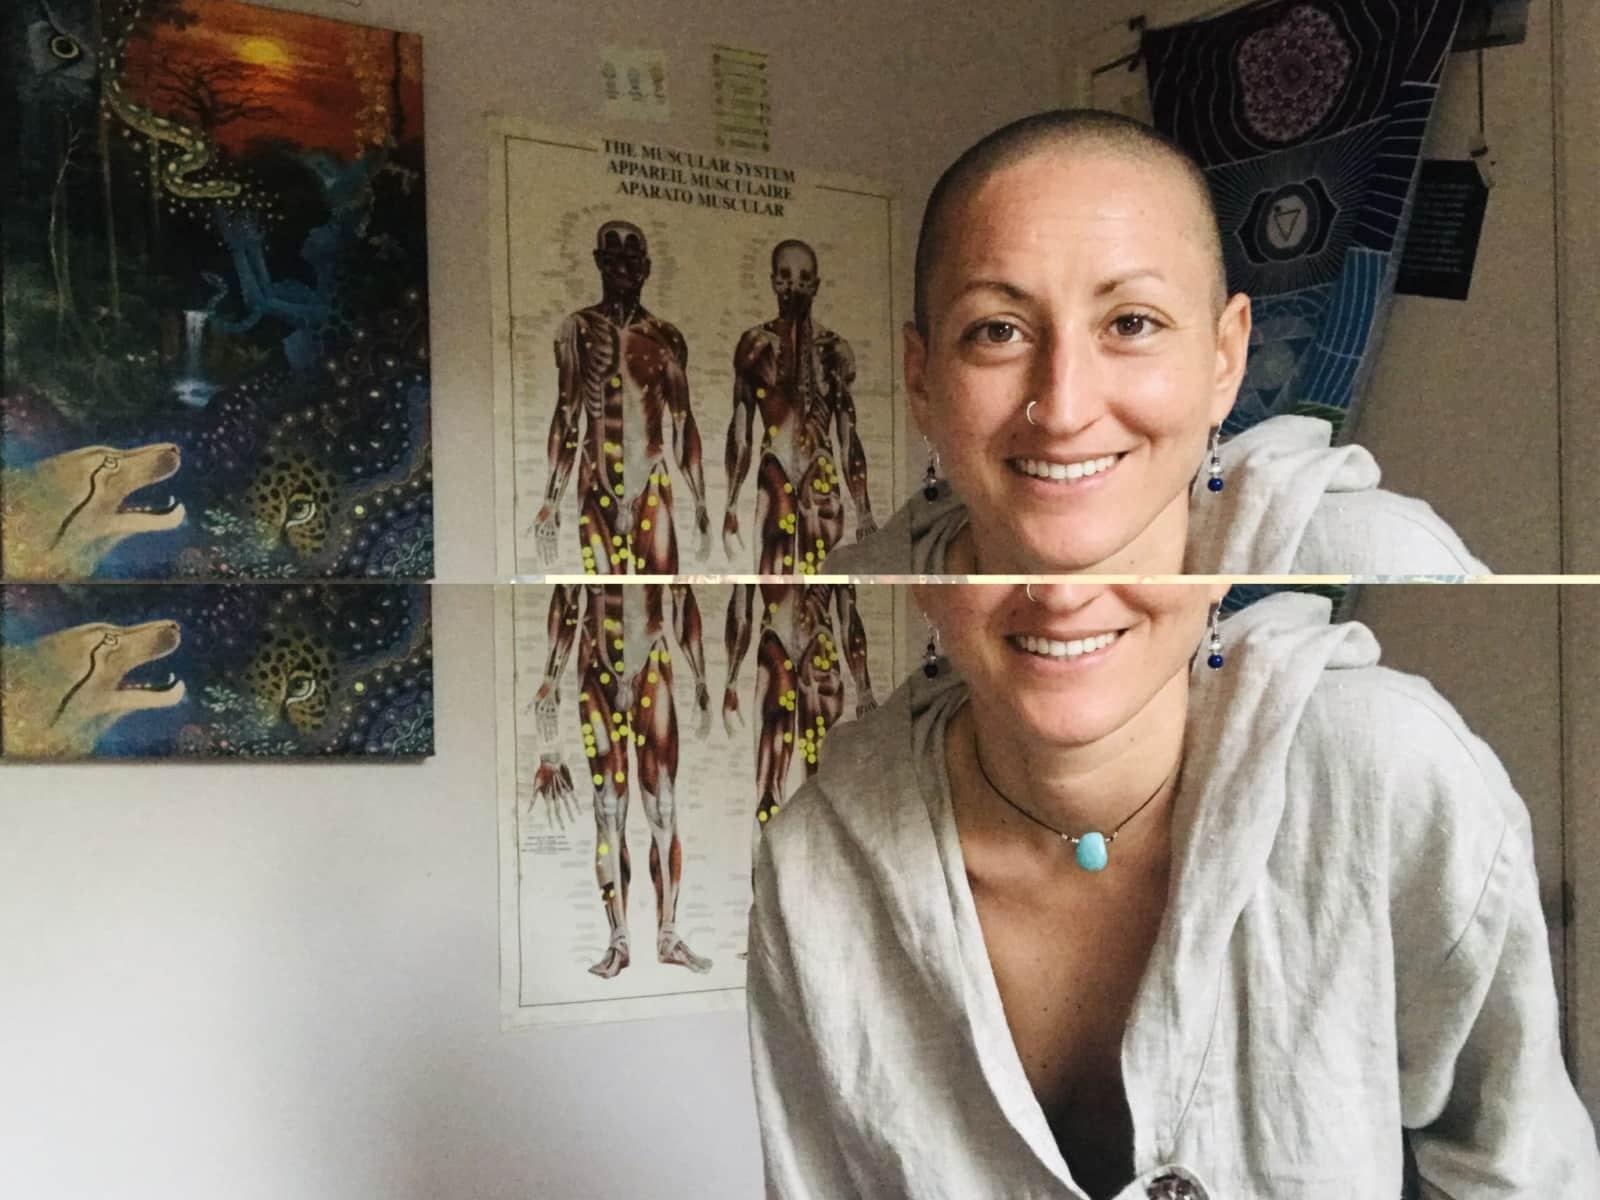 Vanessa from Lennox Head, New South Wales, Australia